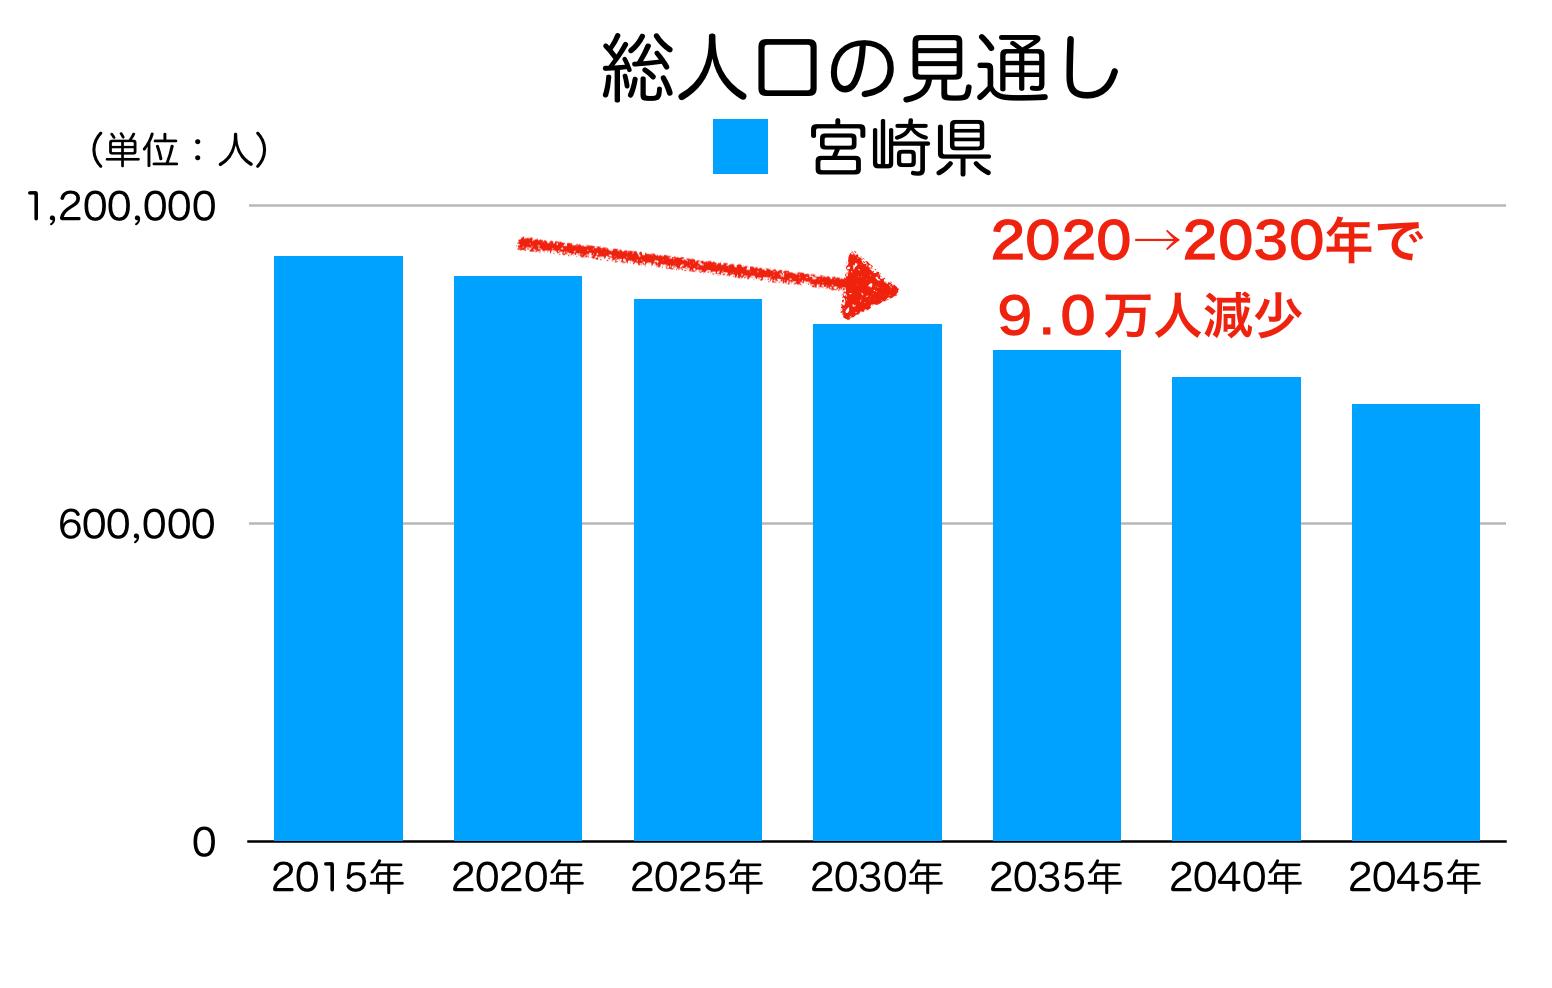 宮崎県の総人口の見通し